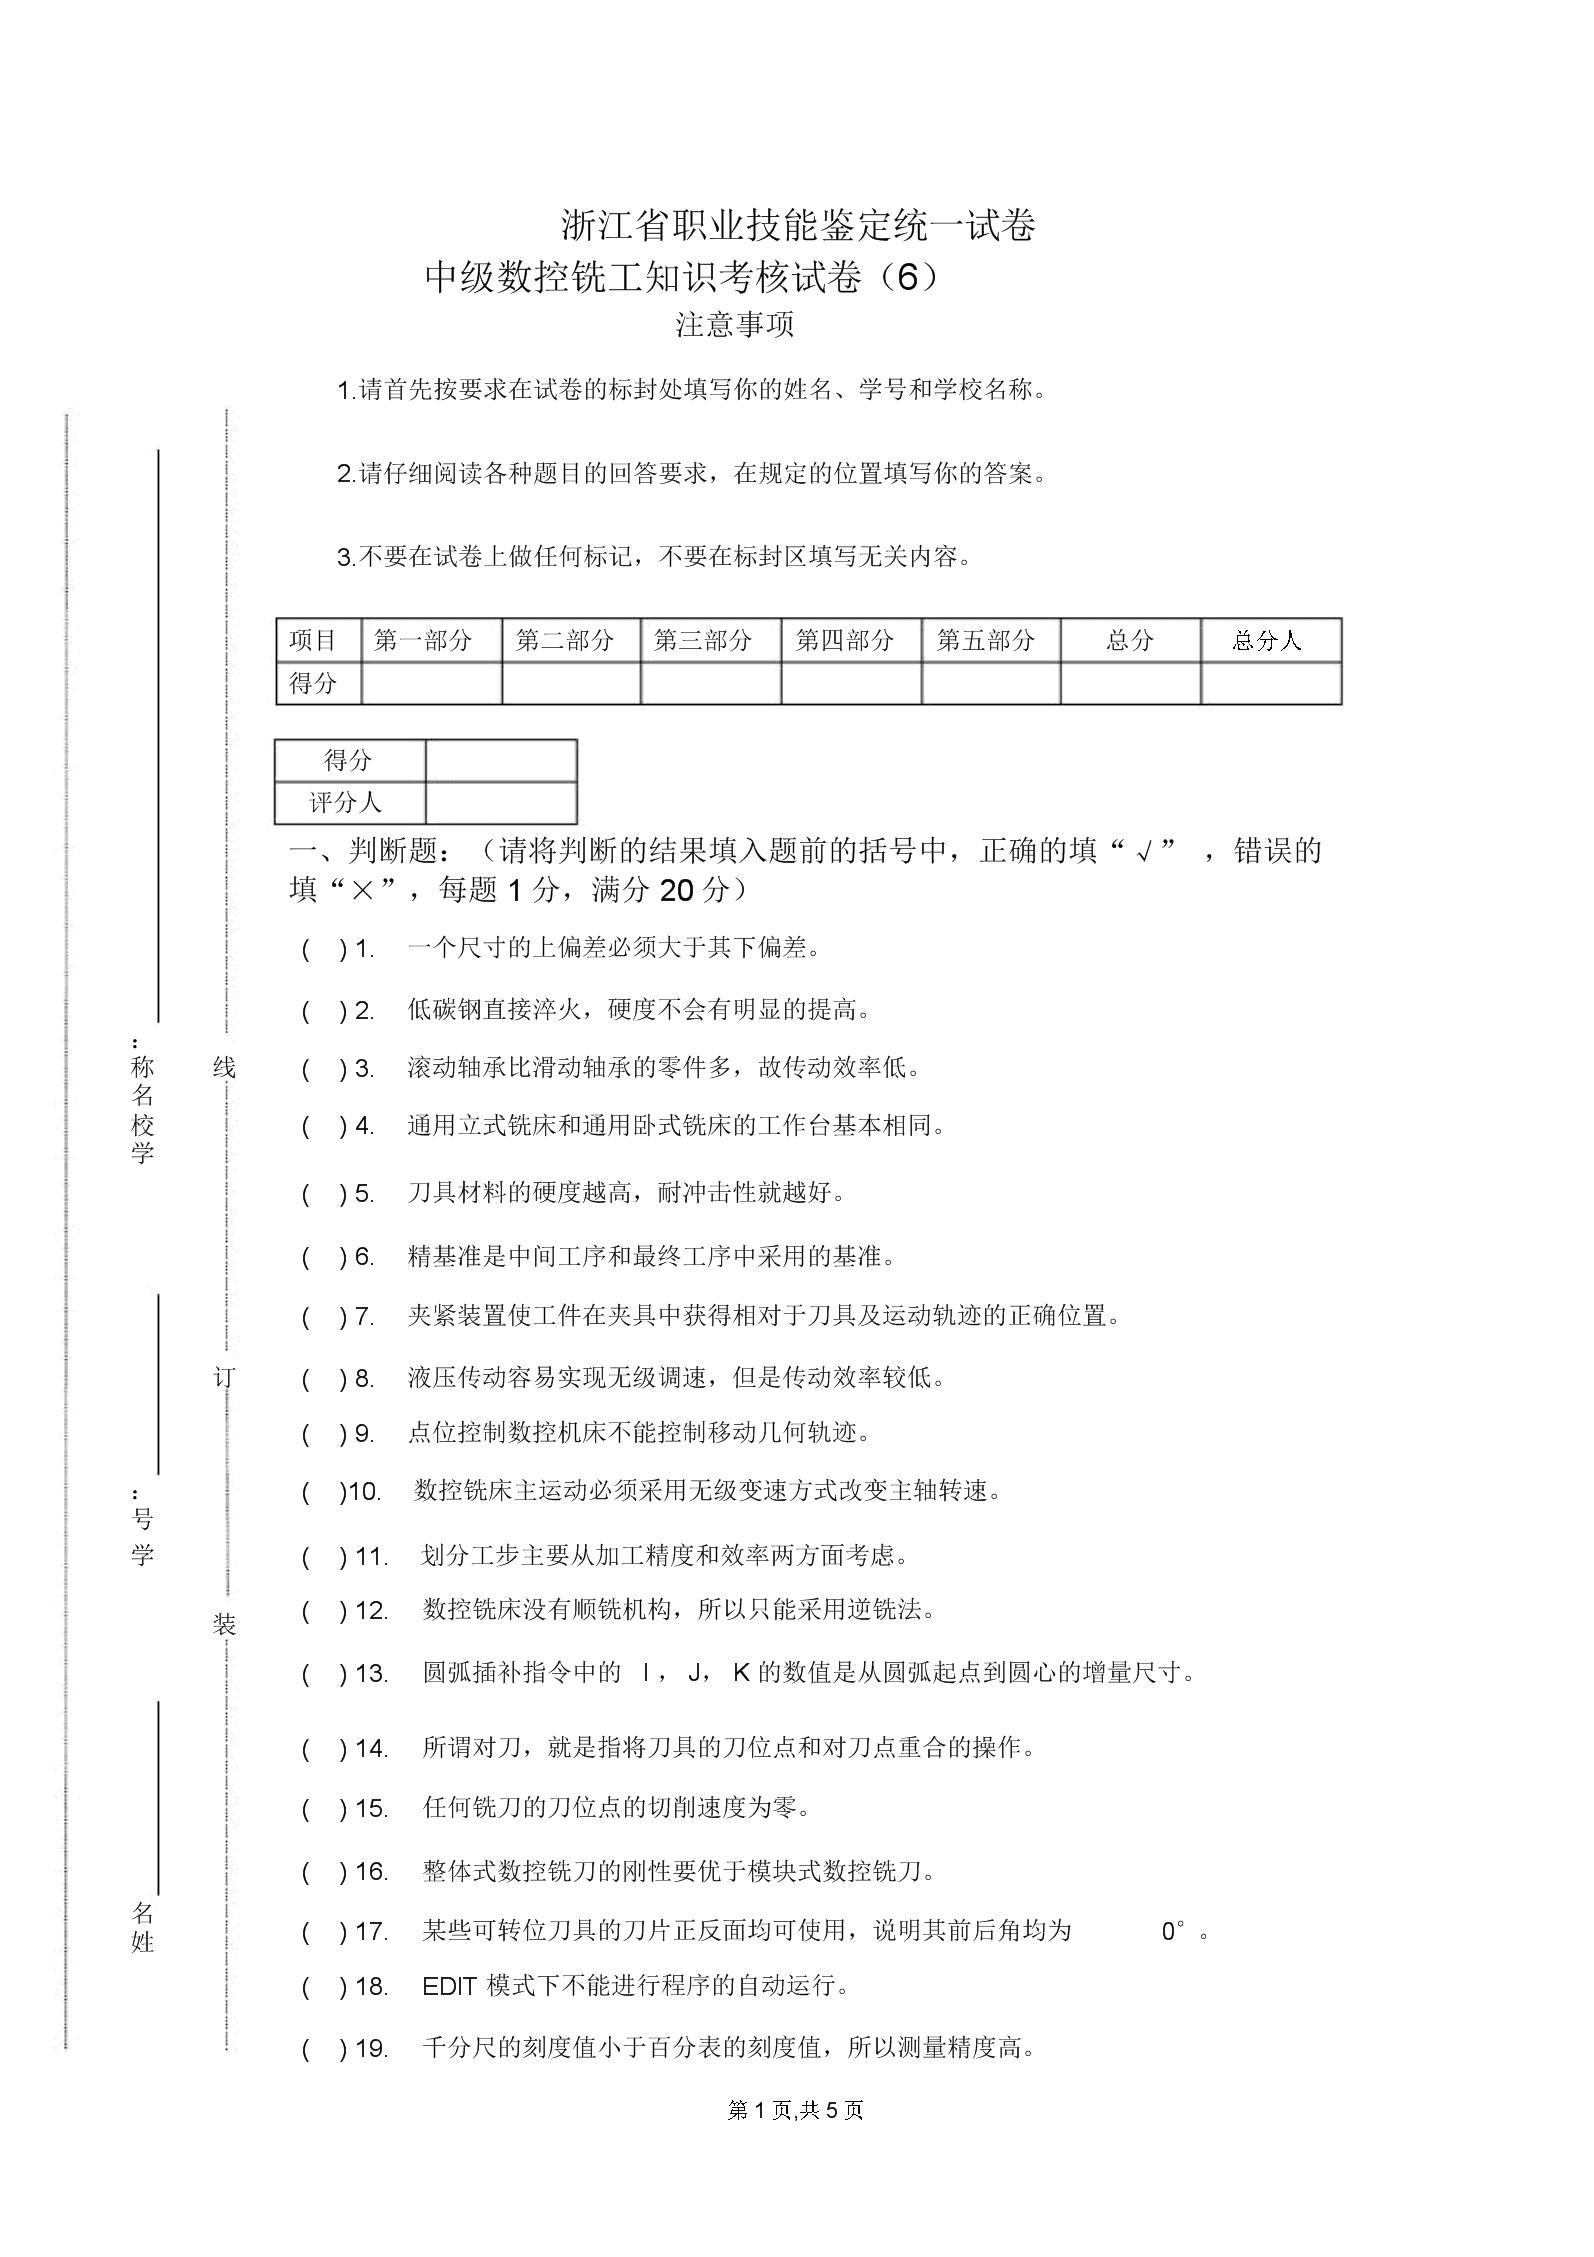 (数控加工)中级数控铣工知识试卷及答案.docx